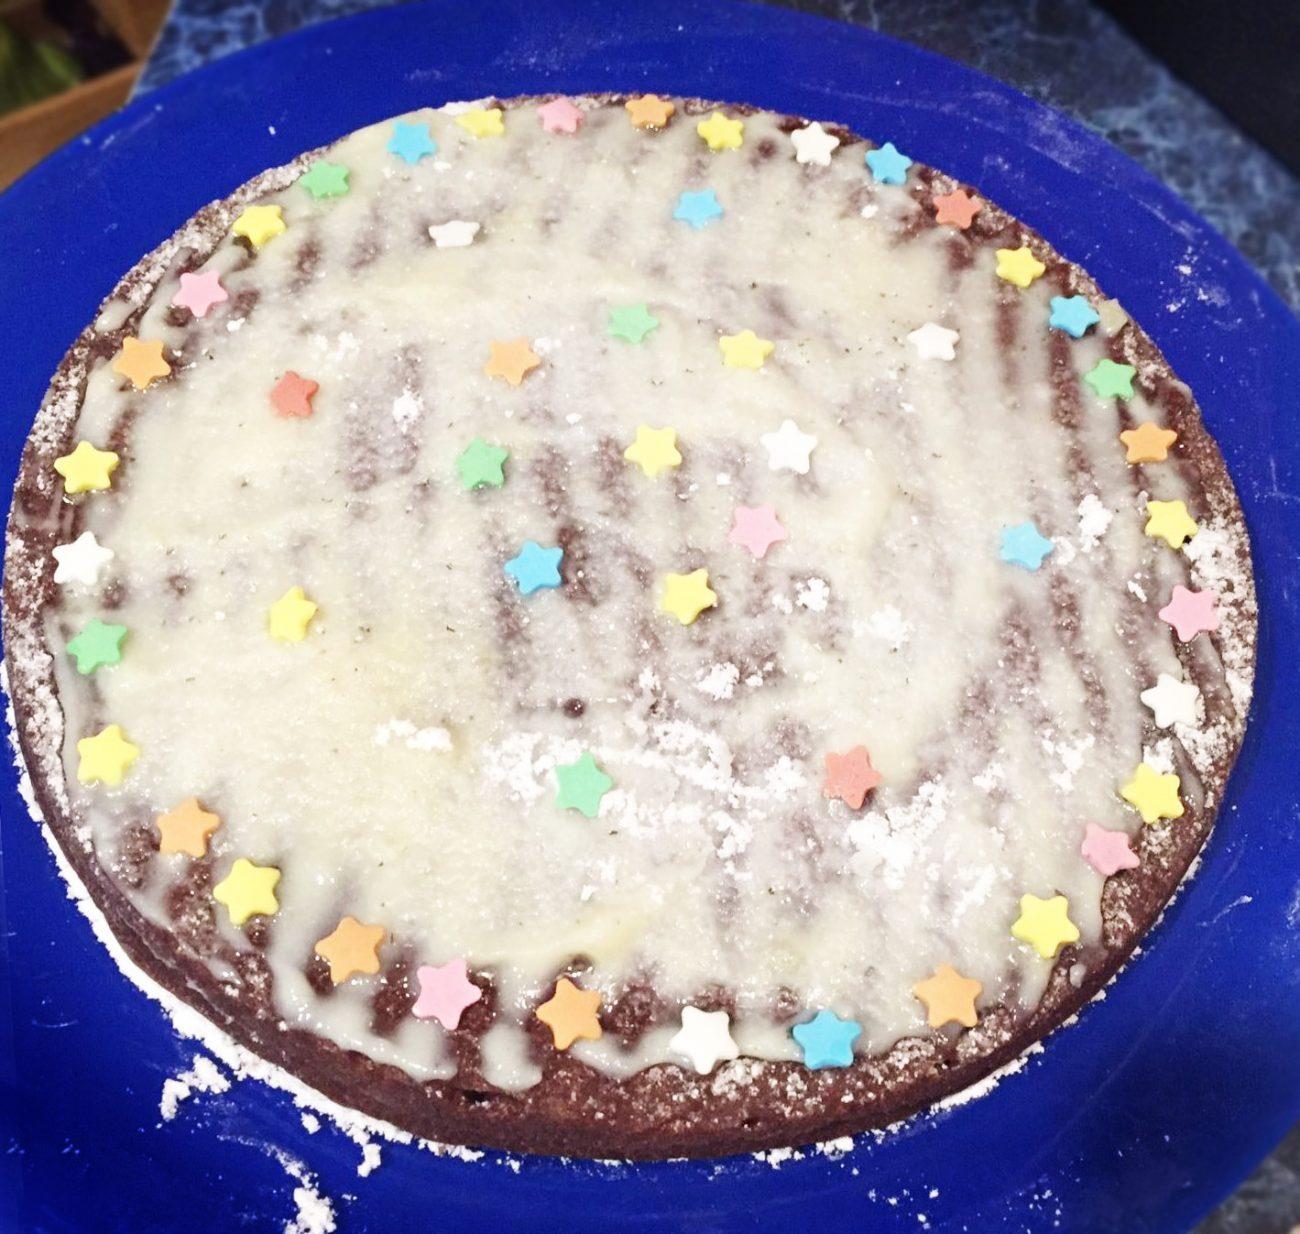 Шоколадный кекс на основе манки и какао